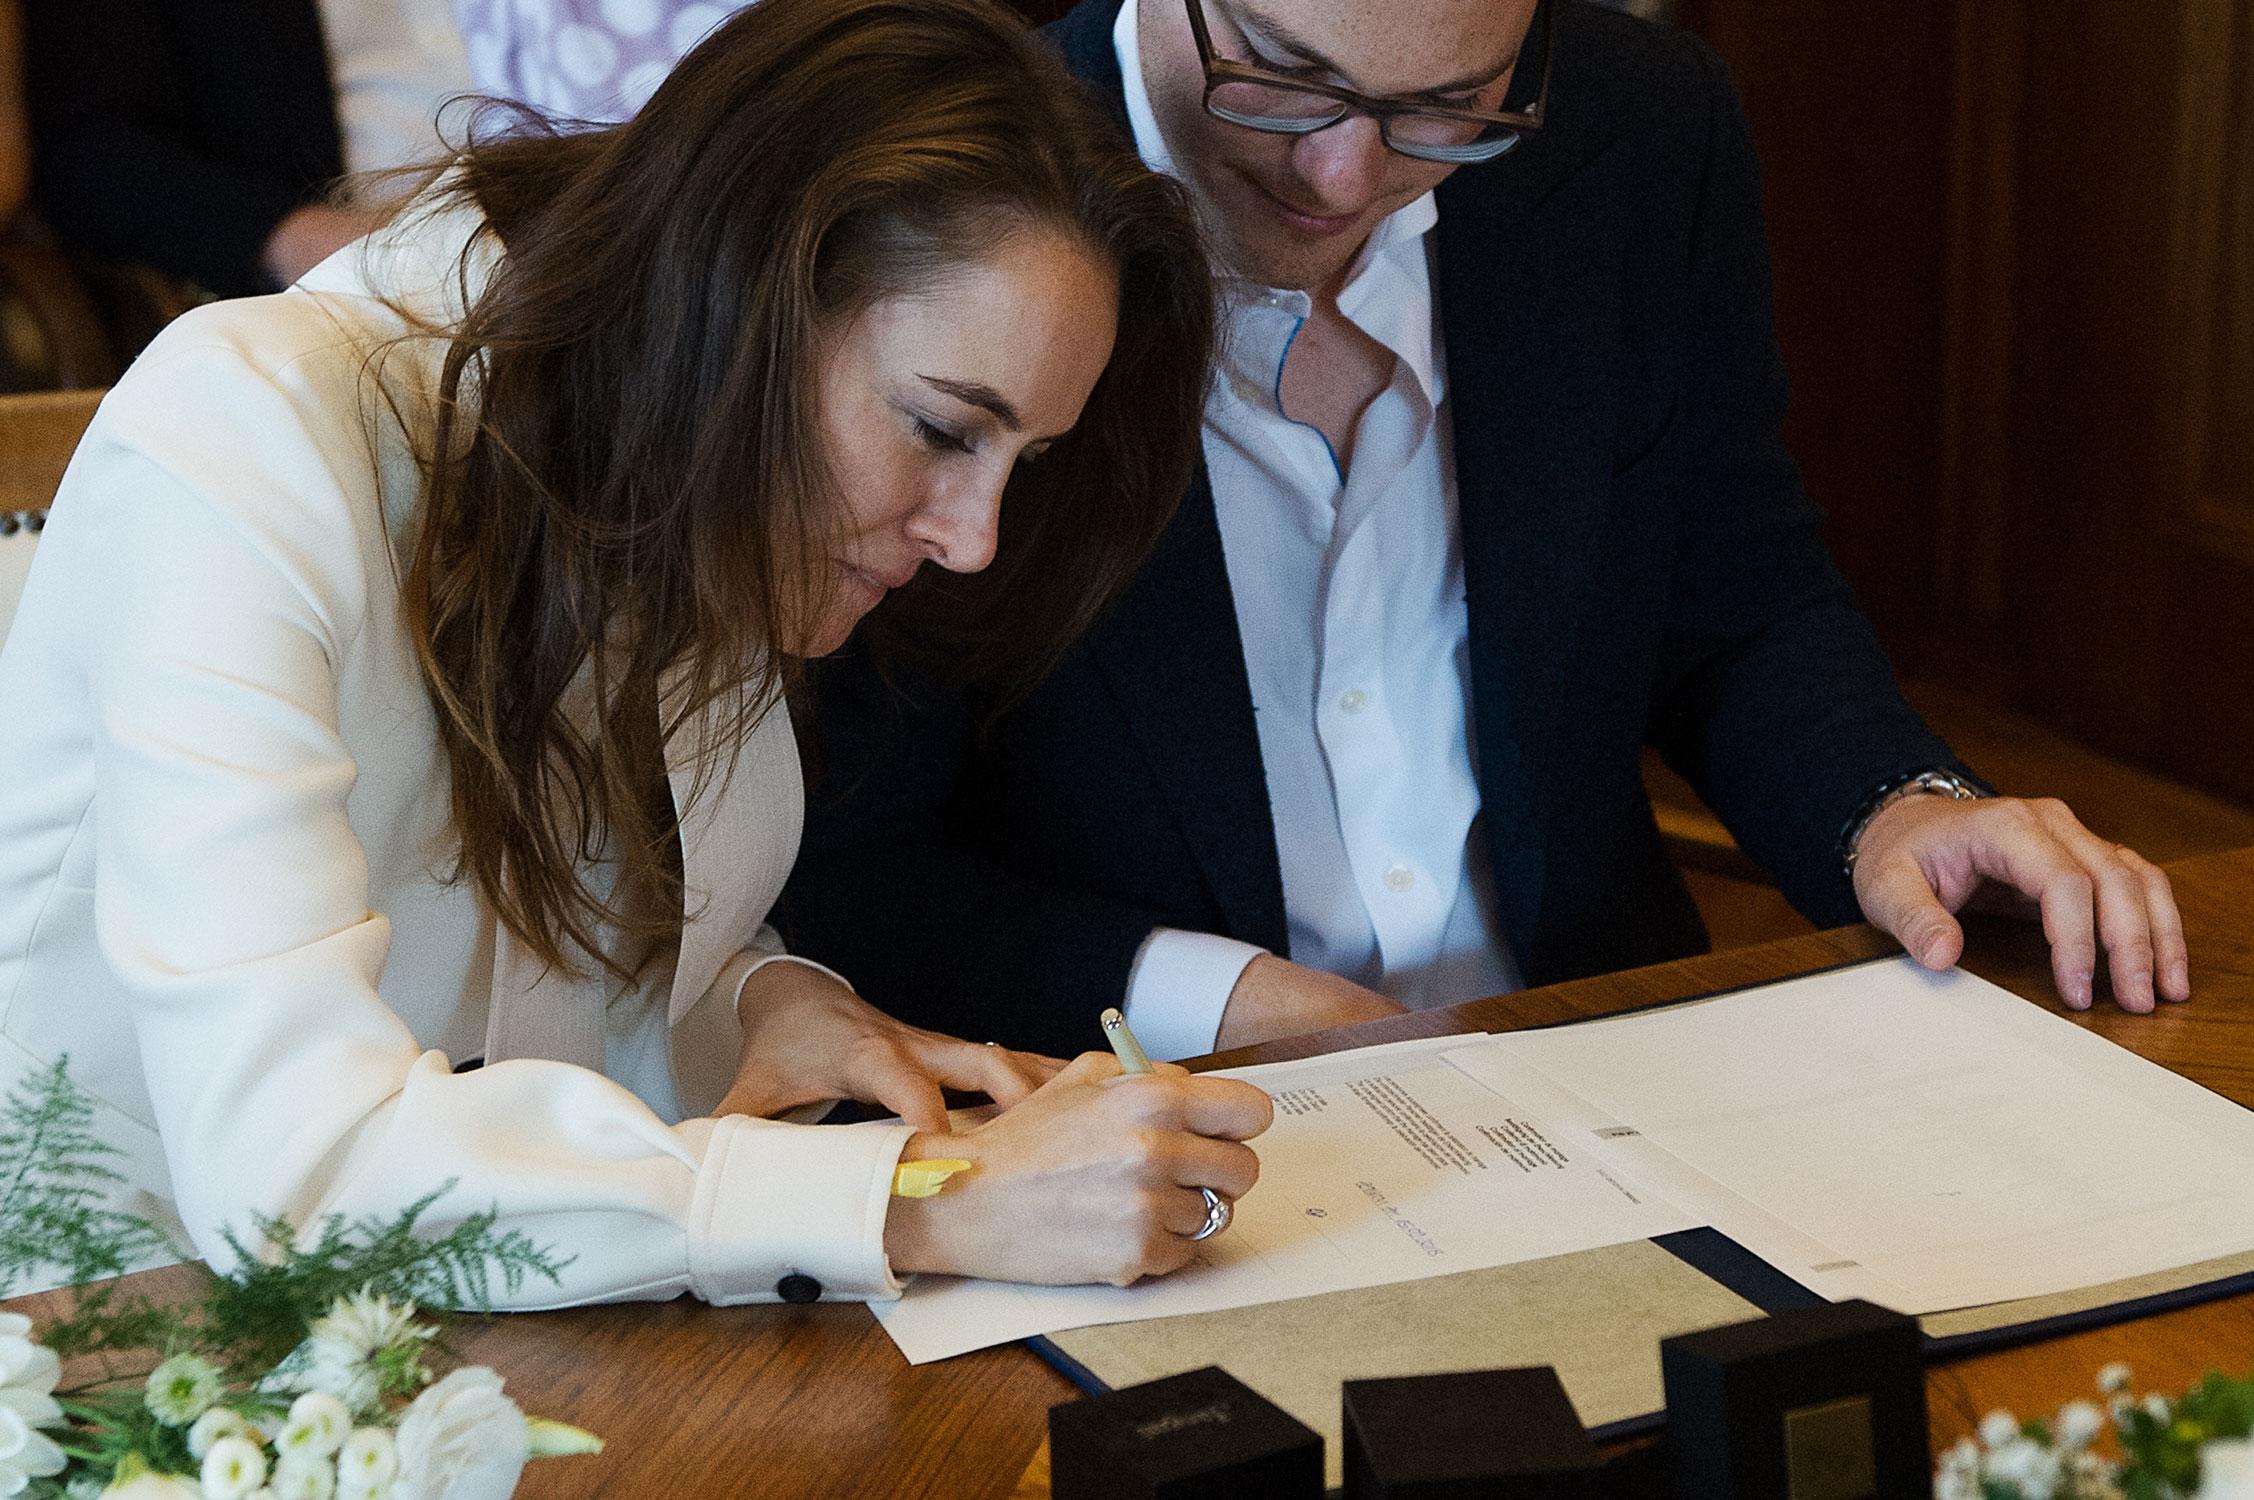 wedding_villa_meier_severini_005.jpg